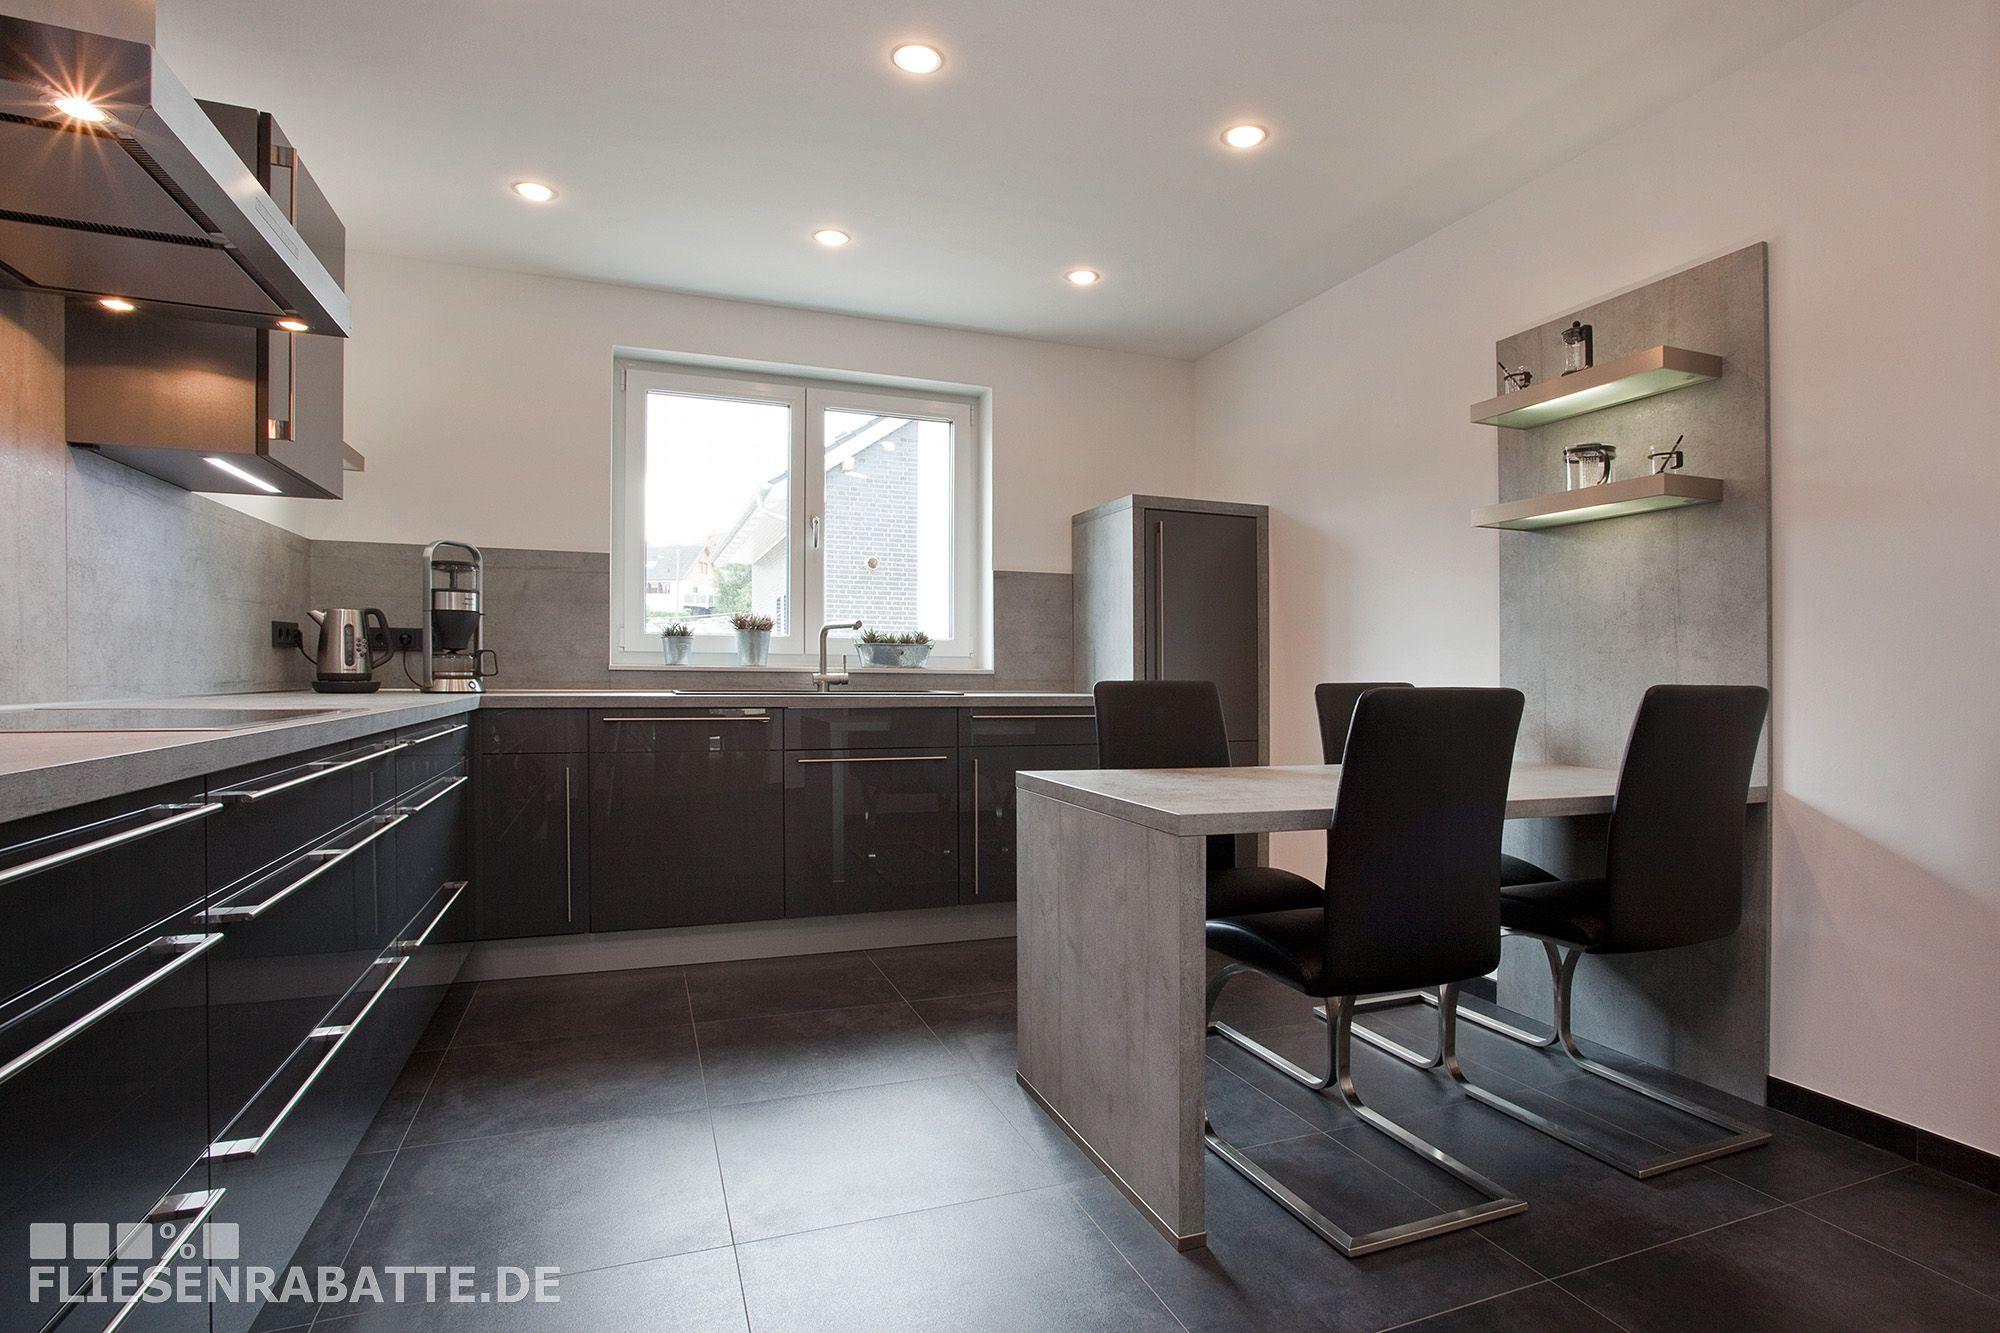 bodenfliesen k che farblich abgestimmt zu den k chenfronten und der k chenarbeitsplatte. Black Bedroom Furniture Sets. Home Design Ideas